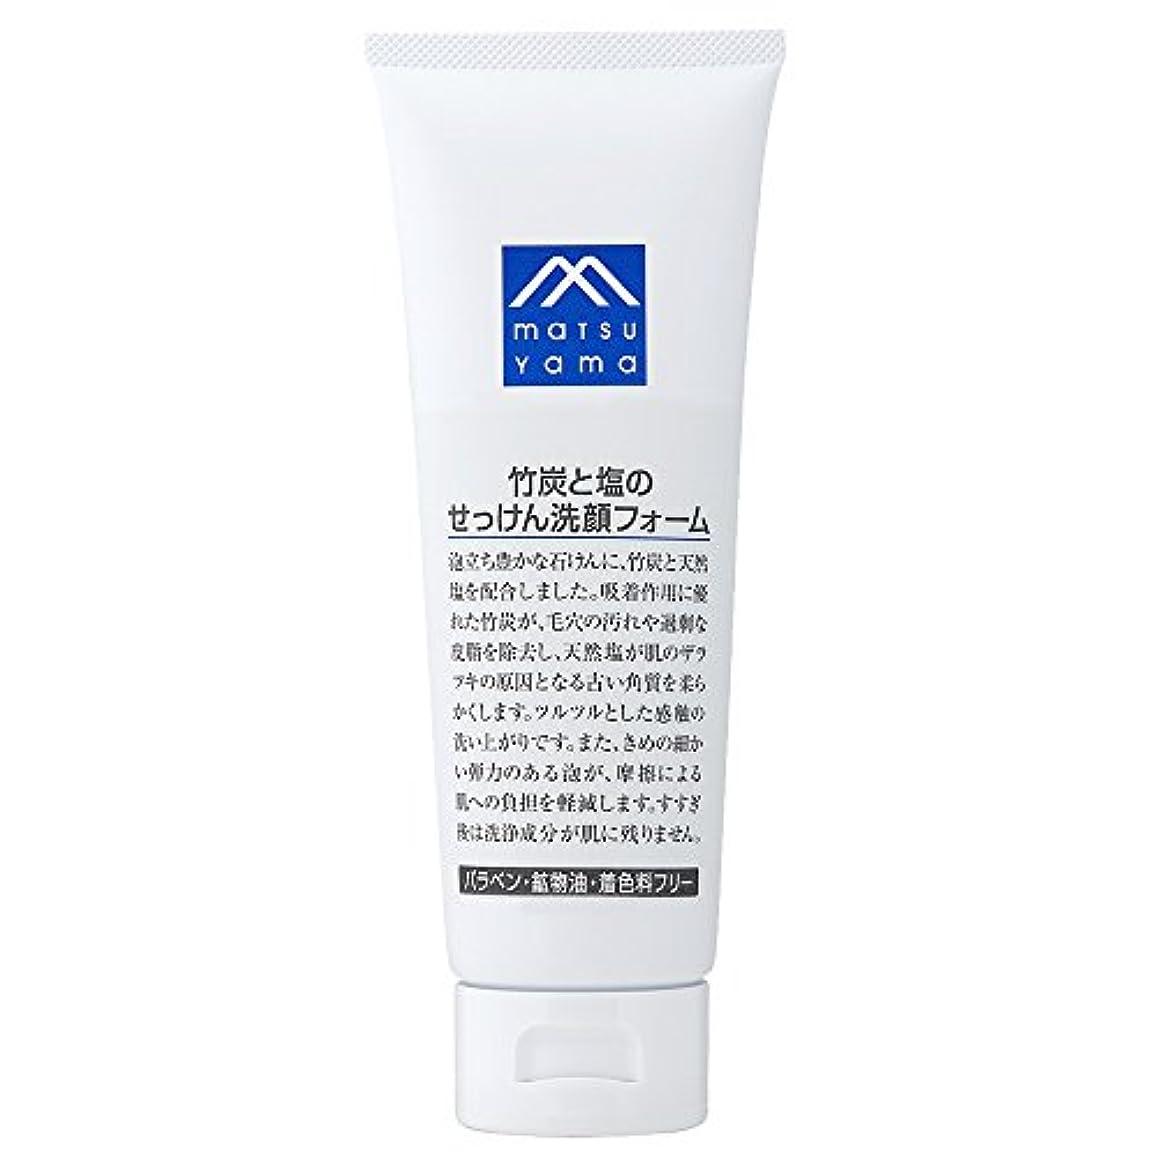 時間とともに試してみる広告主M-mark 竹炭と塩のせっけん洗顔フォーム